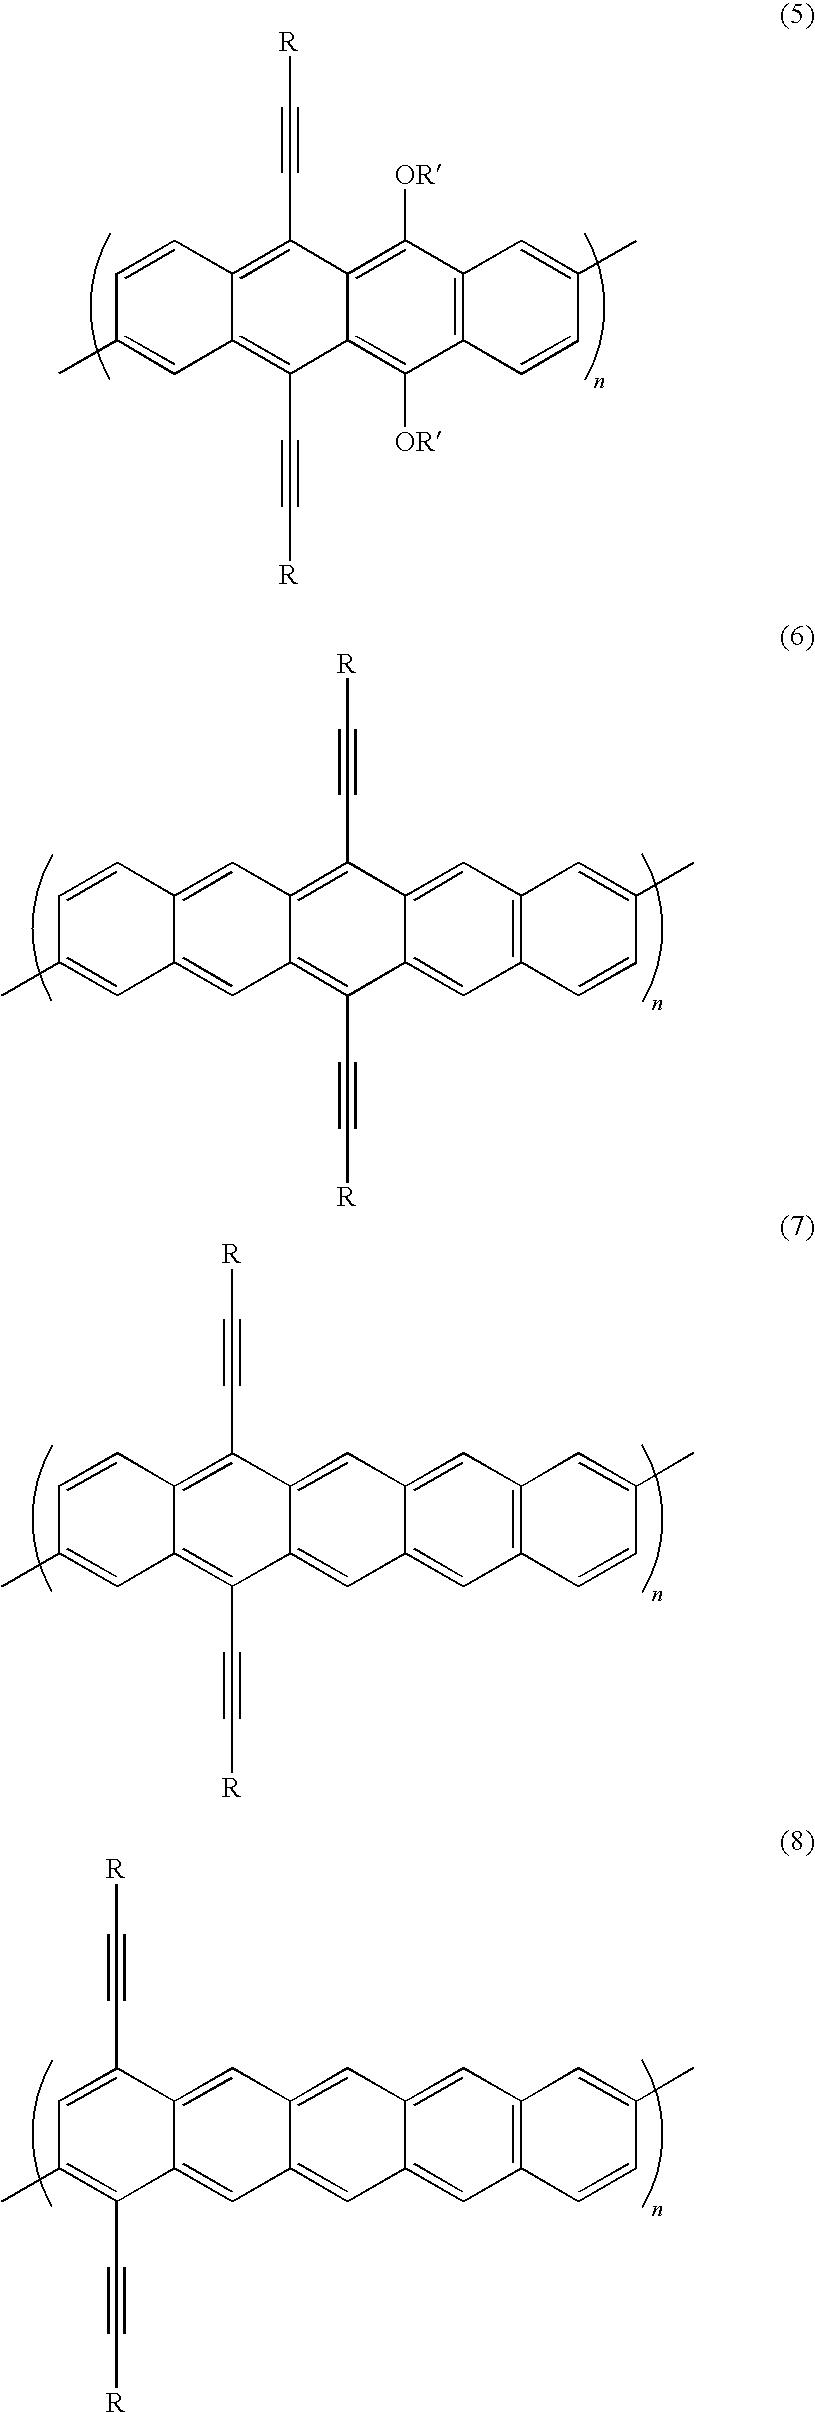 Figure US07550760-20090623-C00018